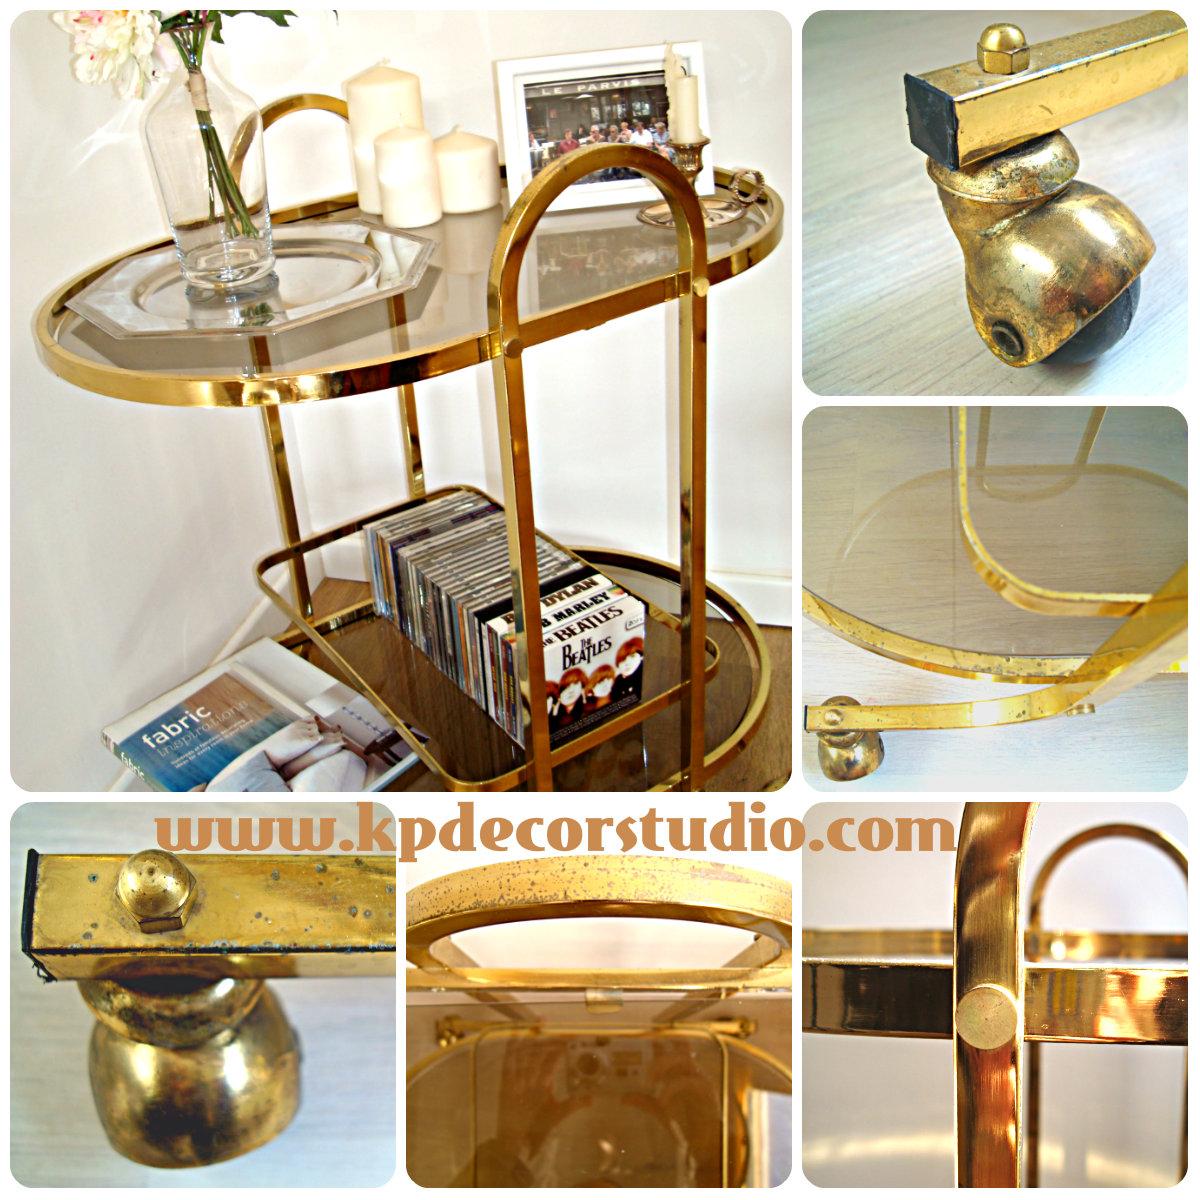 Kp tienda vintage online camarera antigua ba ada en lat n - Muebles antiguos valencia ...